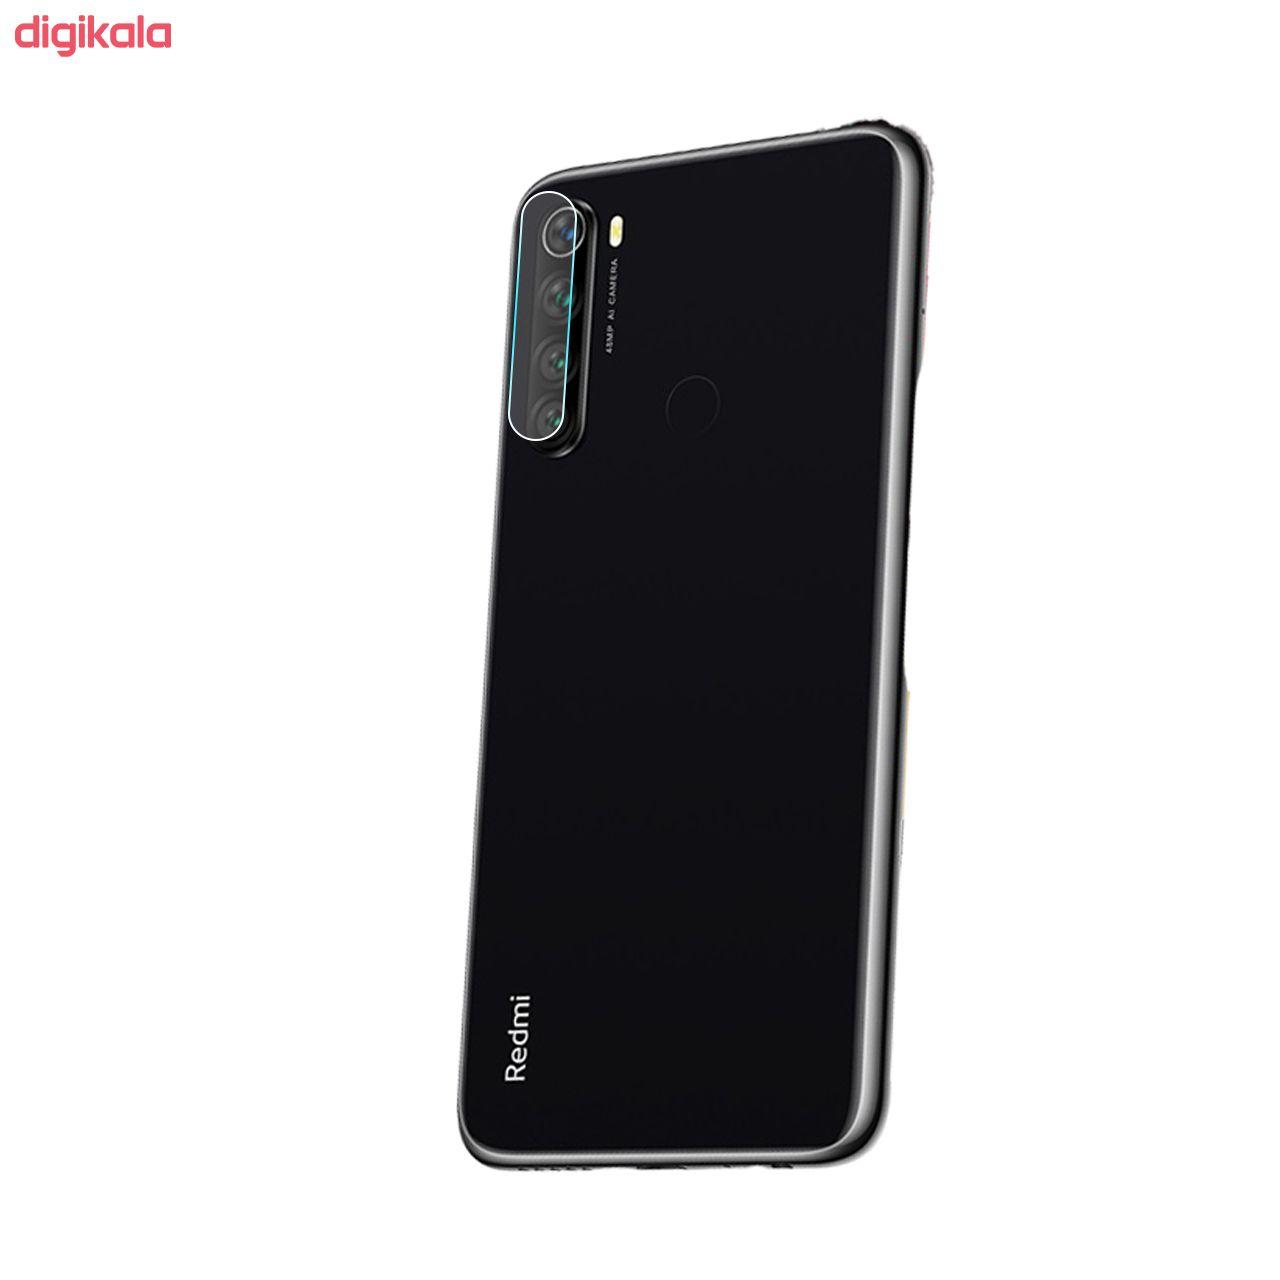 محافظ لنز دوربین مدل L039 مناسب برای گوشی موبایل شیائومی Redmi Note 8 main 1 1